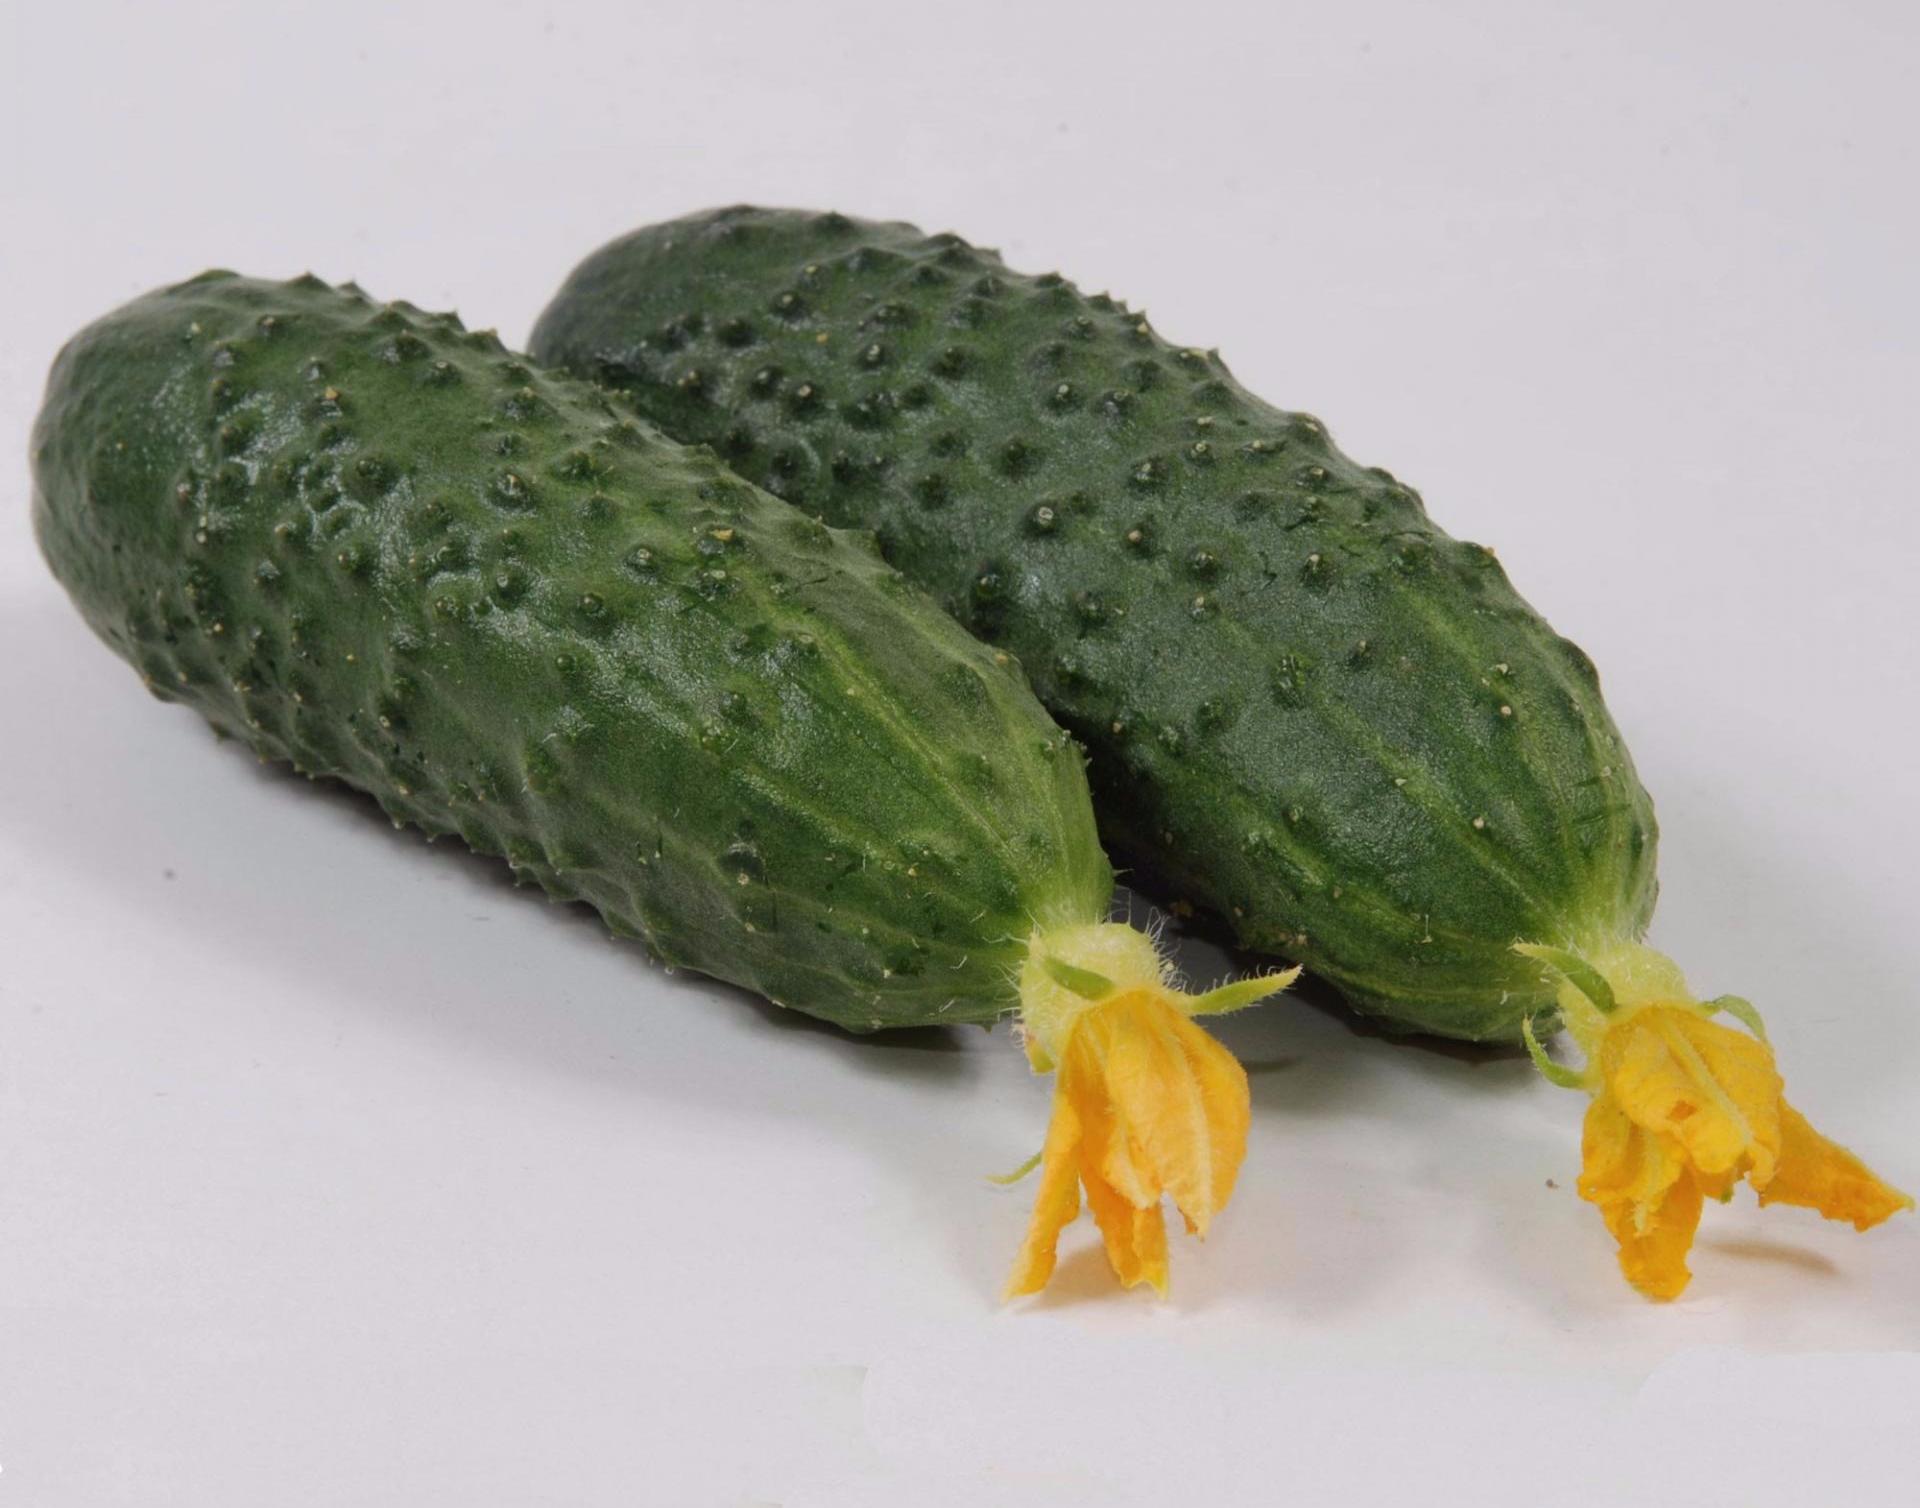 Огурец маринда f1: описание сорта и особенности выращивания